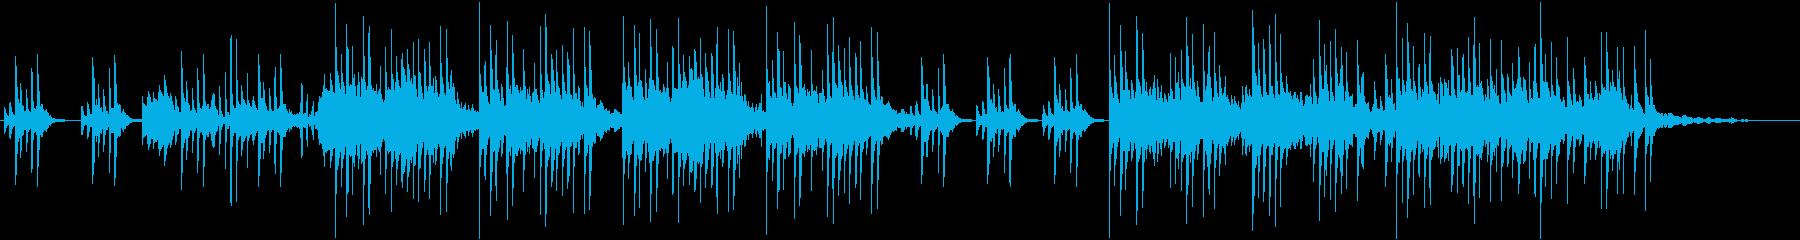 色々な音が入り混じる不思議なアンビエントの再生済みの波形